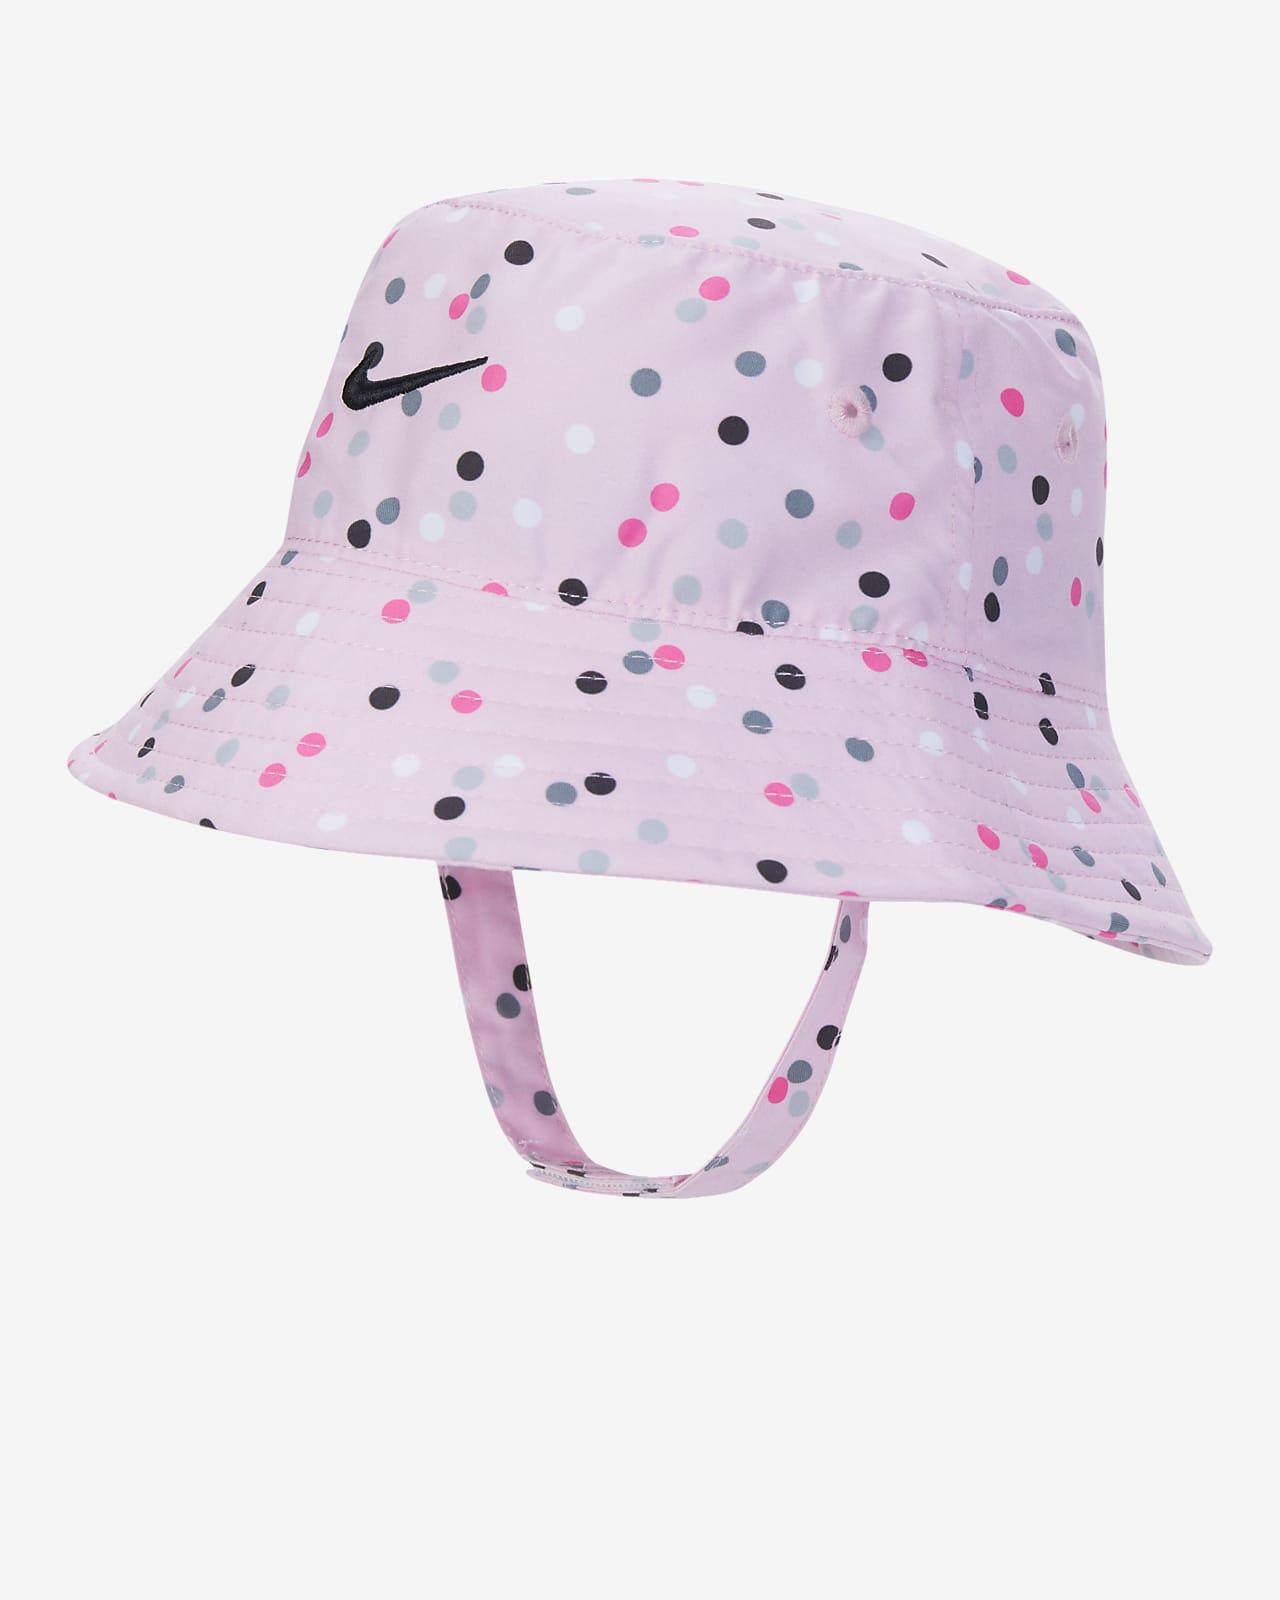 Nike Baby (12-24M) Printed Bucket Hat